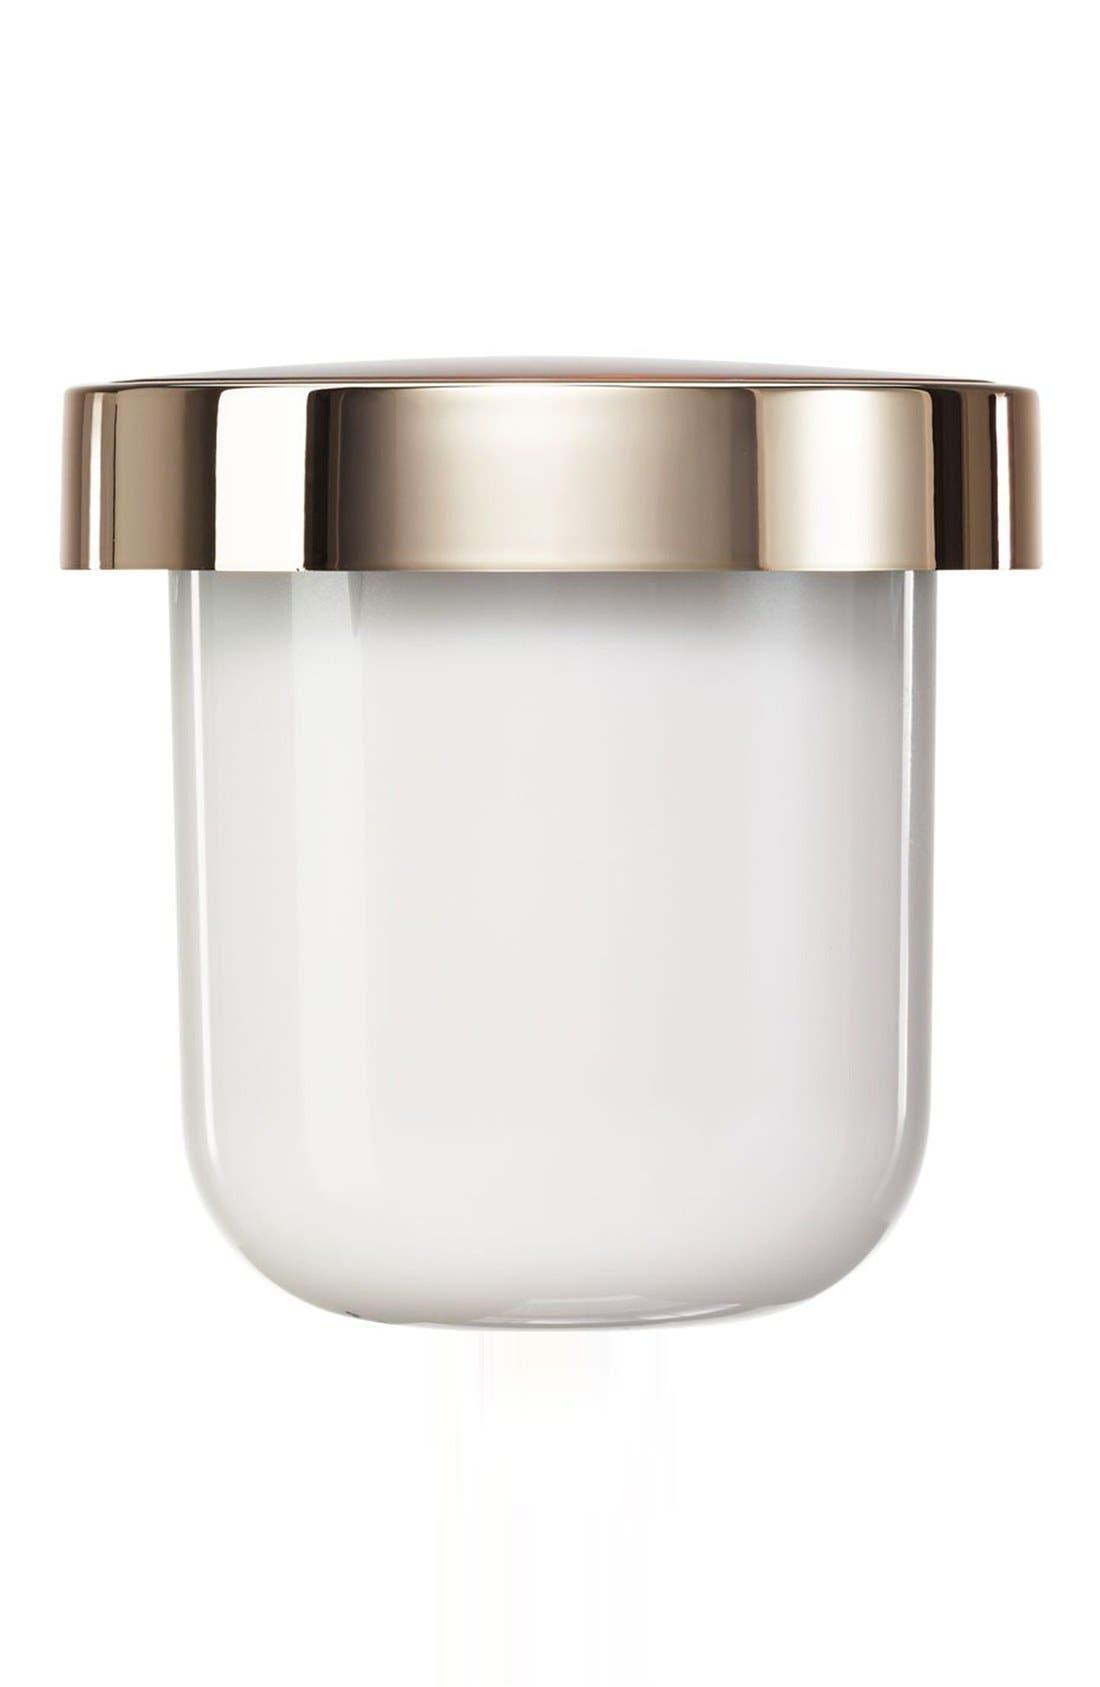 Dior 'Prestige' La Crème Texture Essentielle Refill